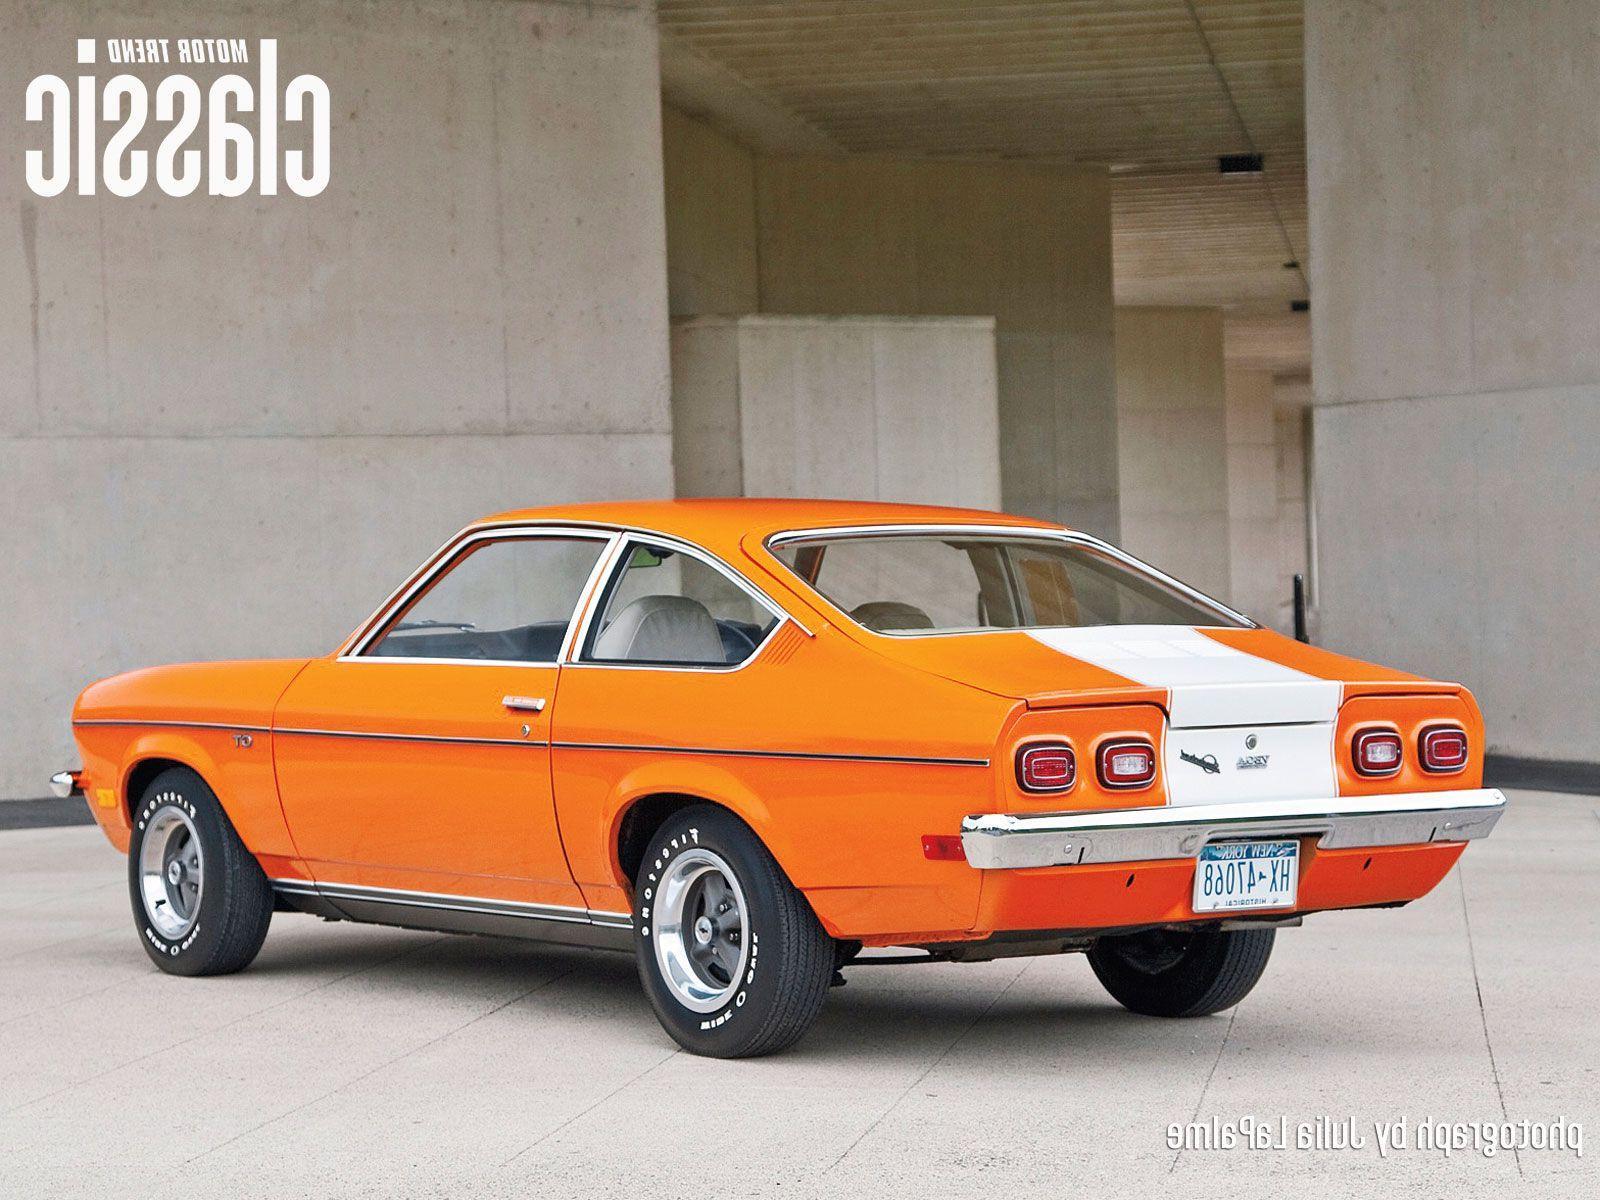 1973 Chevrolet Vega GT,